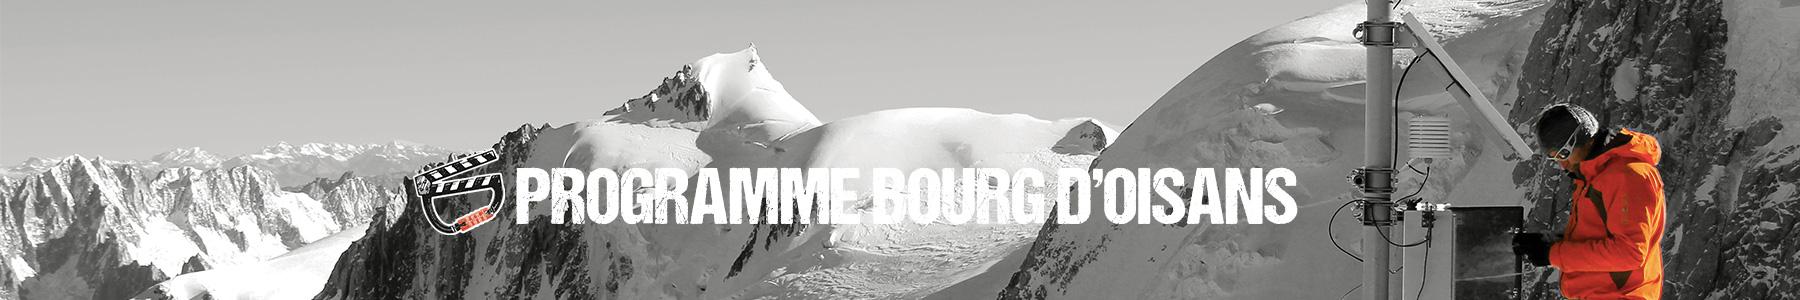 Banniere_programme_bourg_doisans_bl